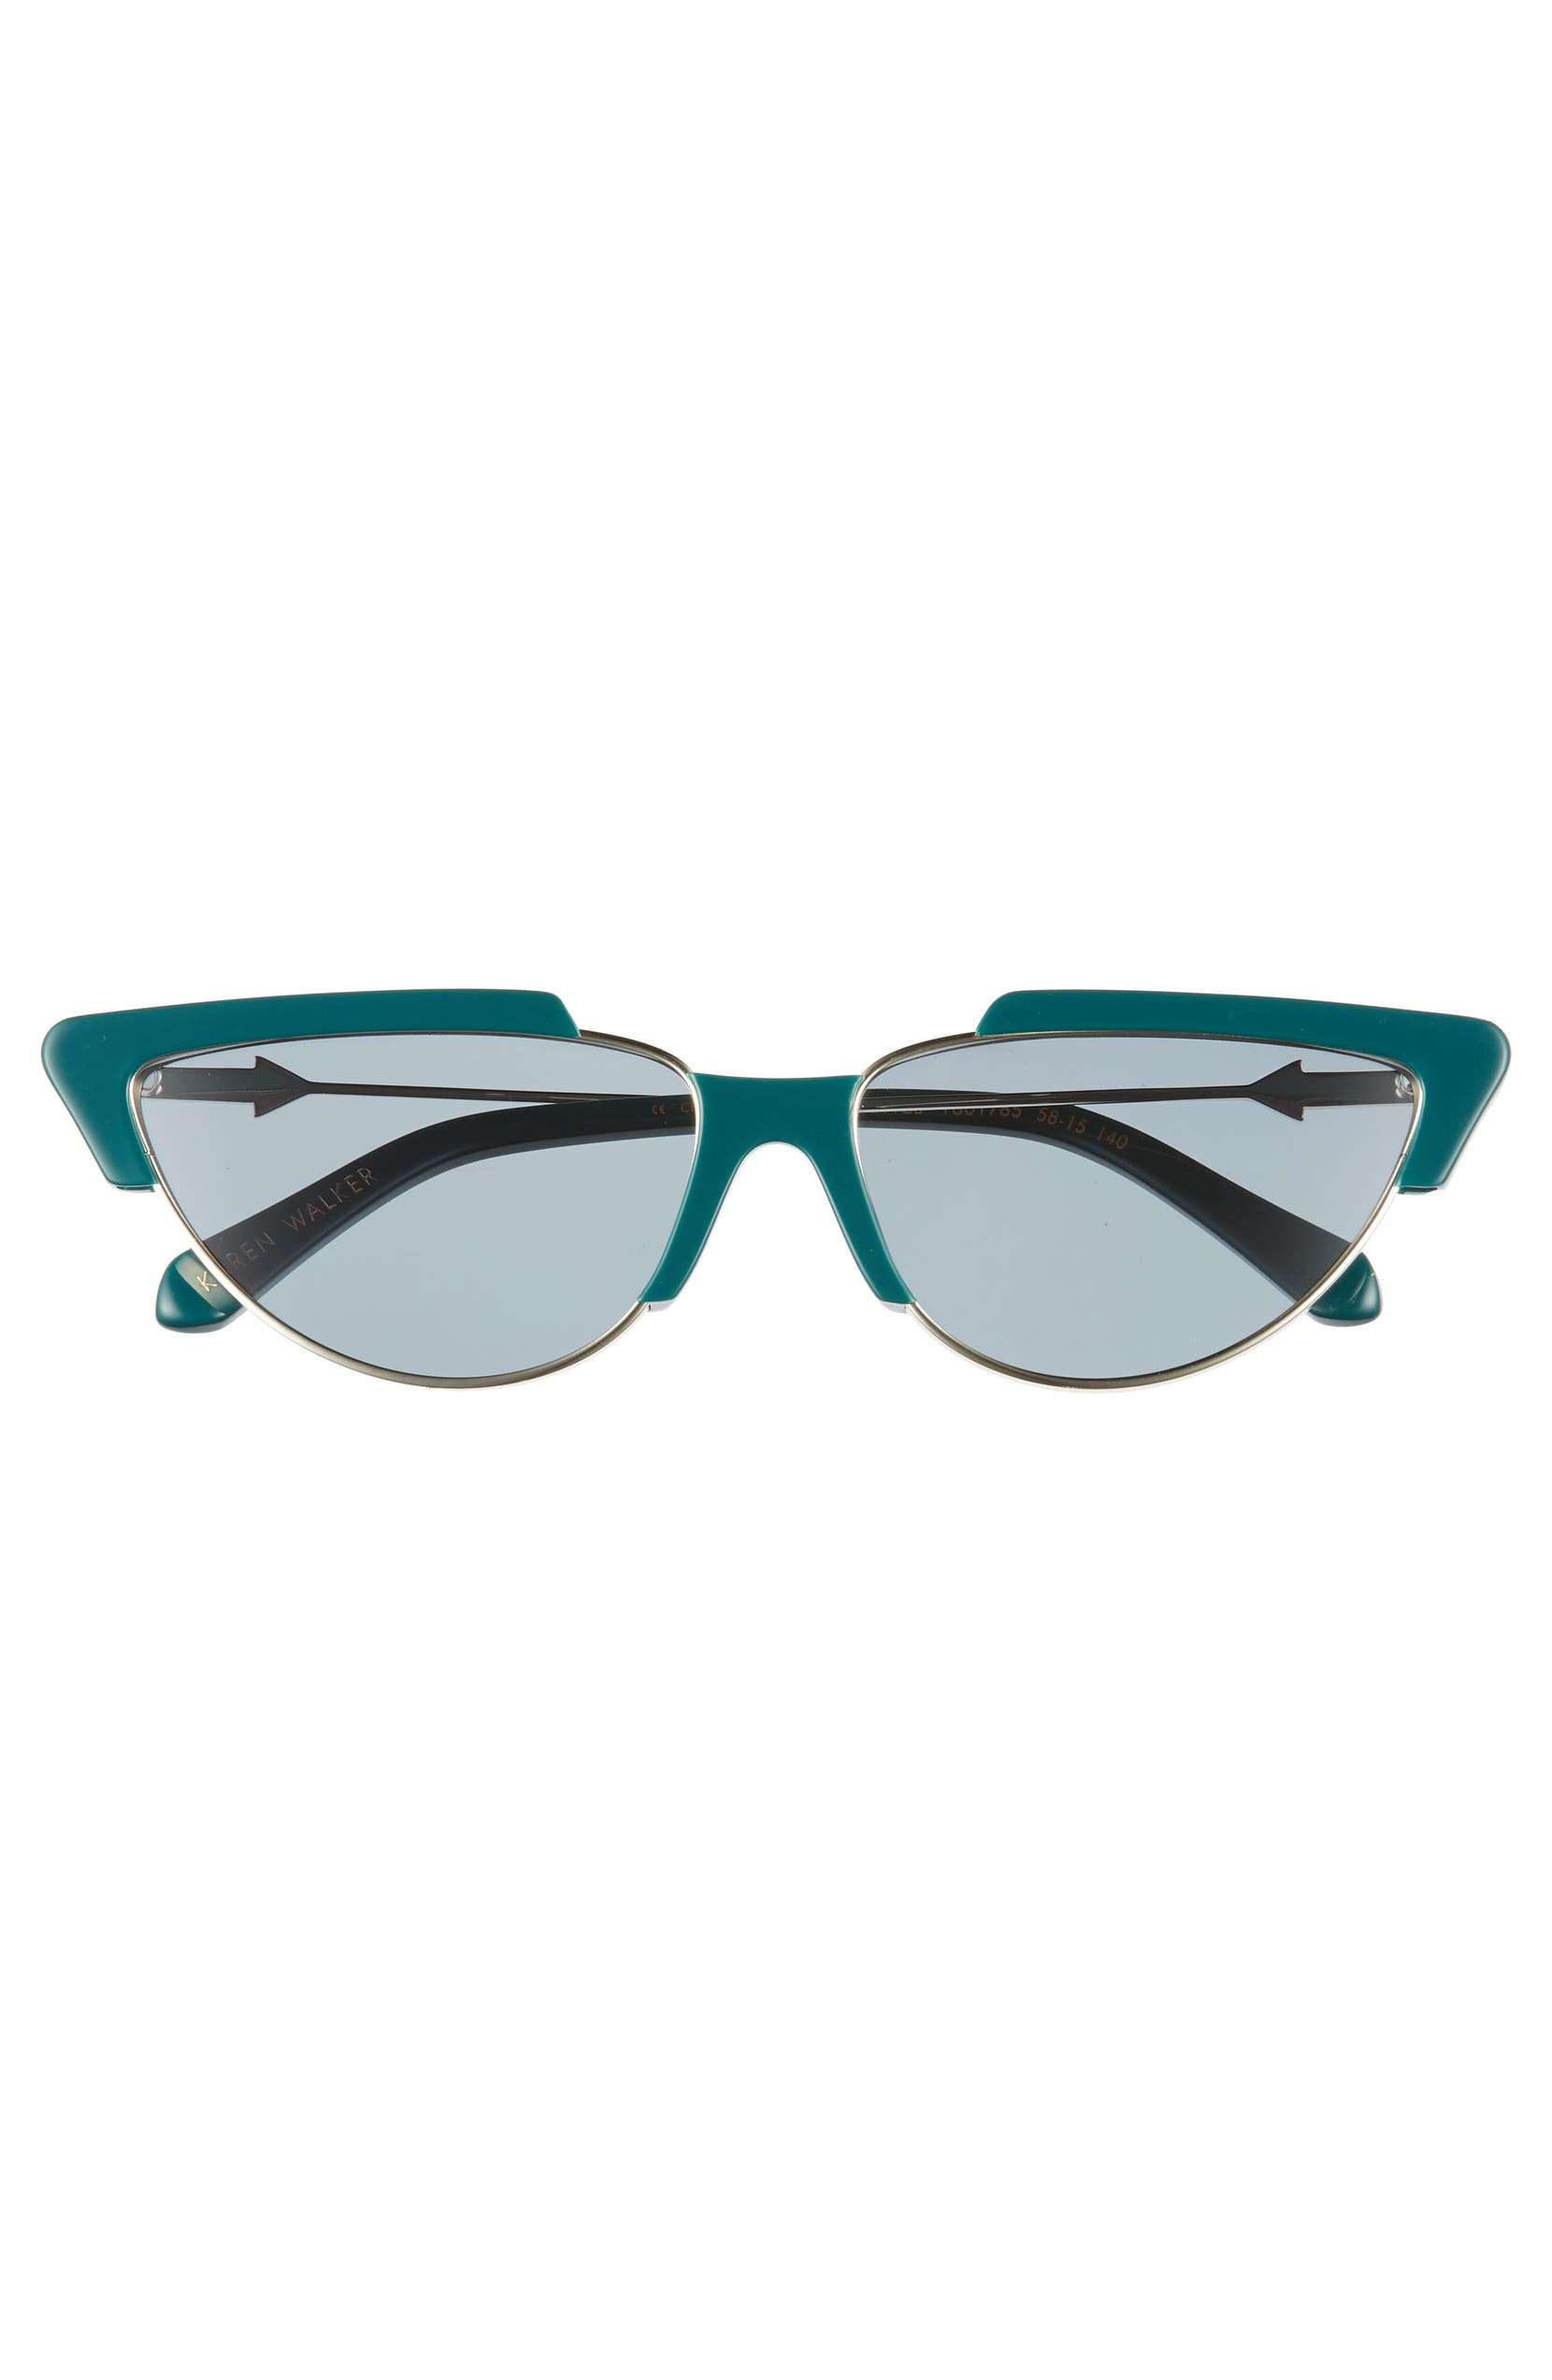 4d9c3e39603b Karen Walker Tropics 58mm Cat Eye Sunglasses | Nordstrom